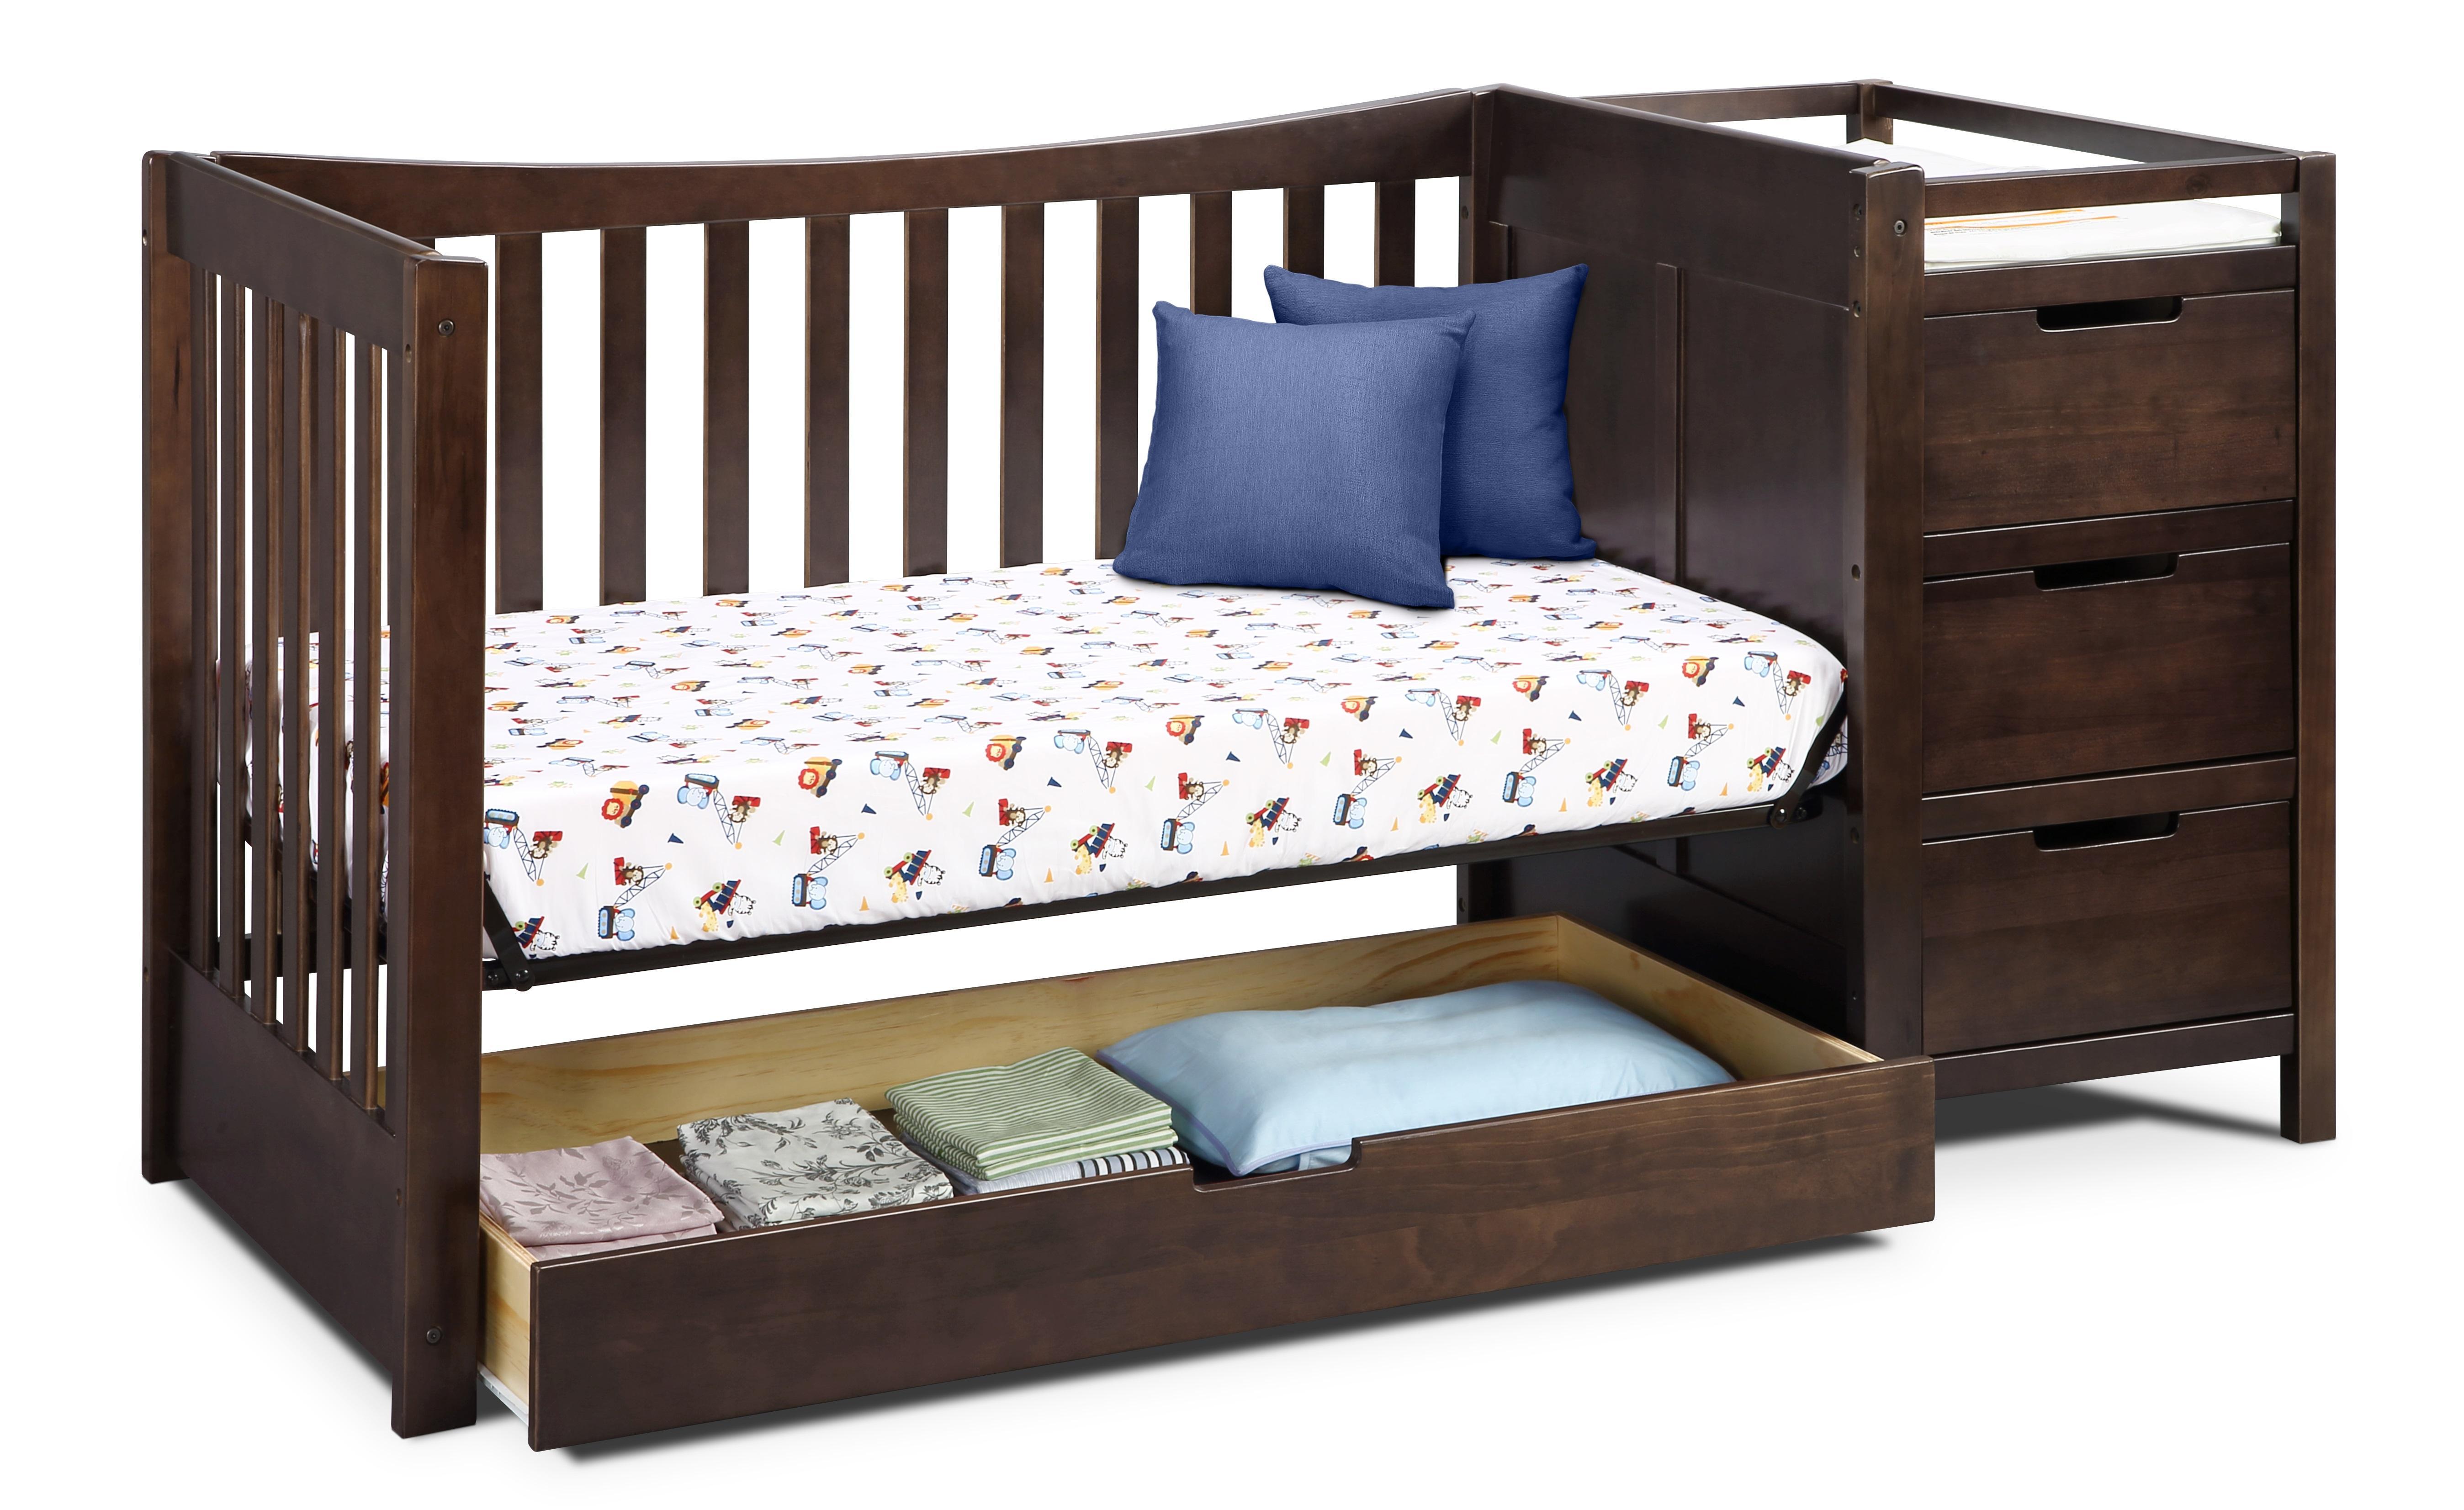 Amazon Com Graco Remi 4 In 1 Convertible Crib And